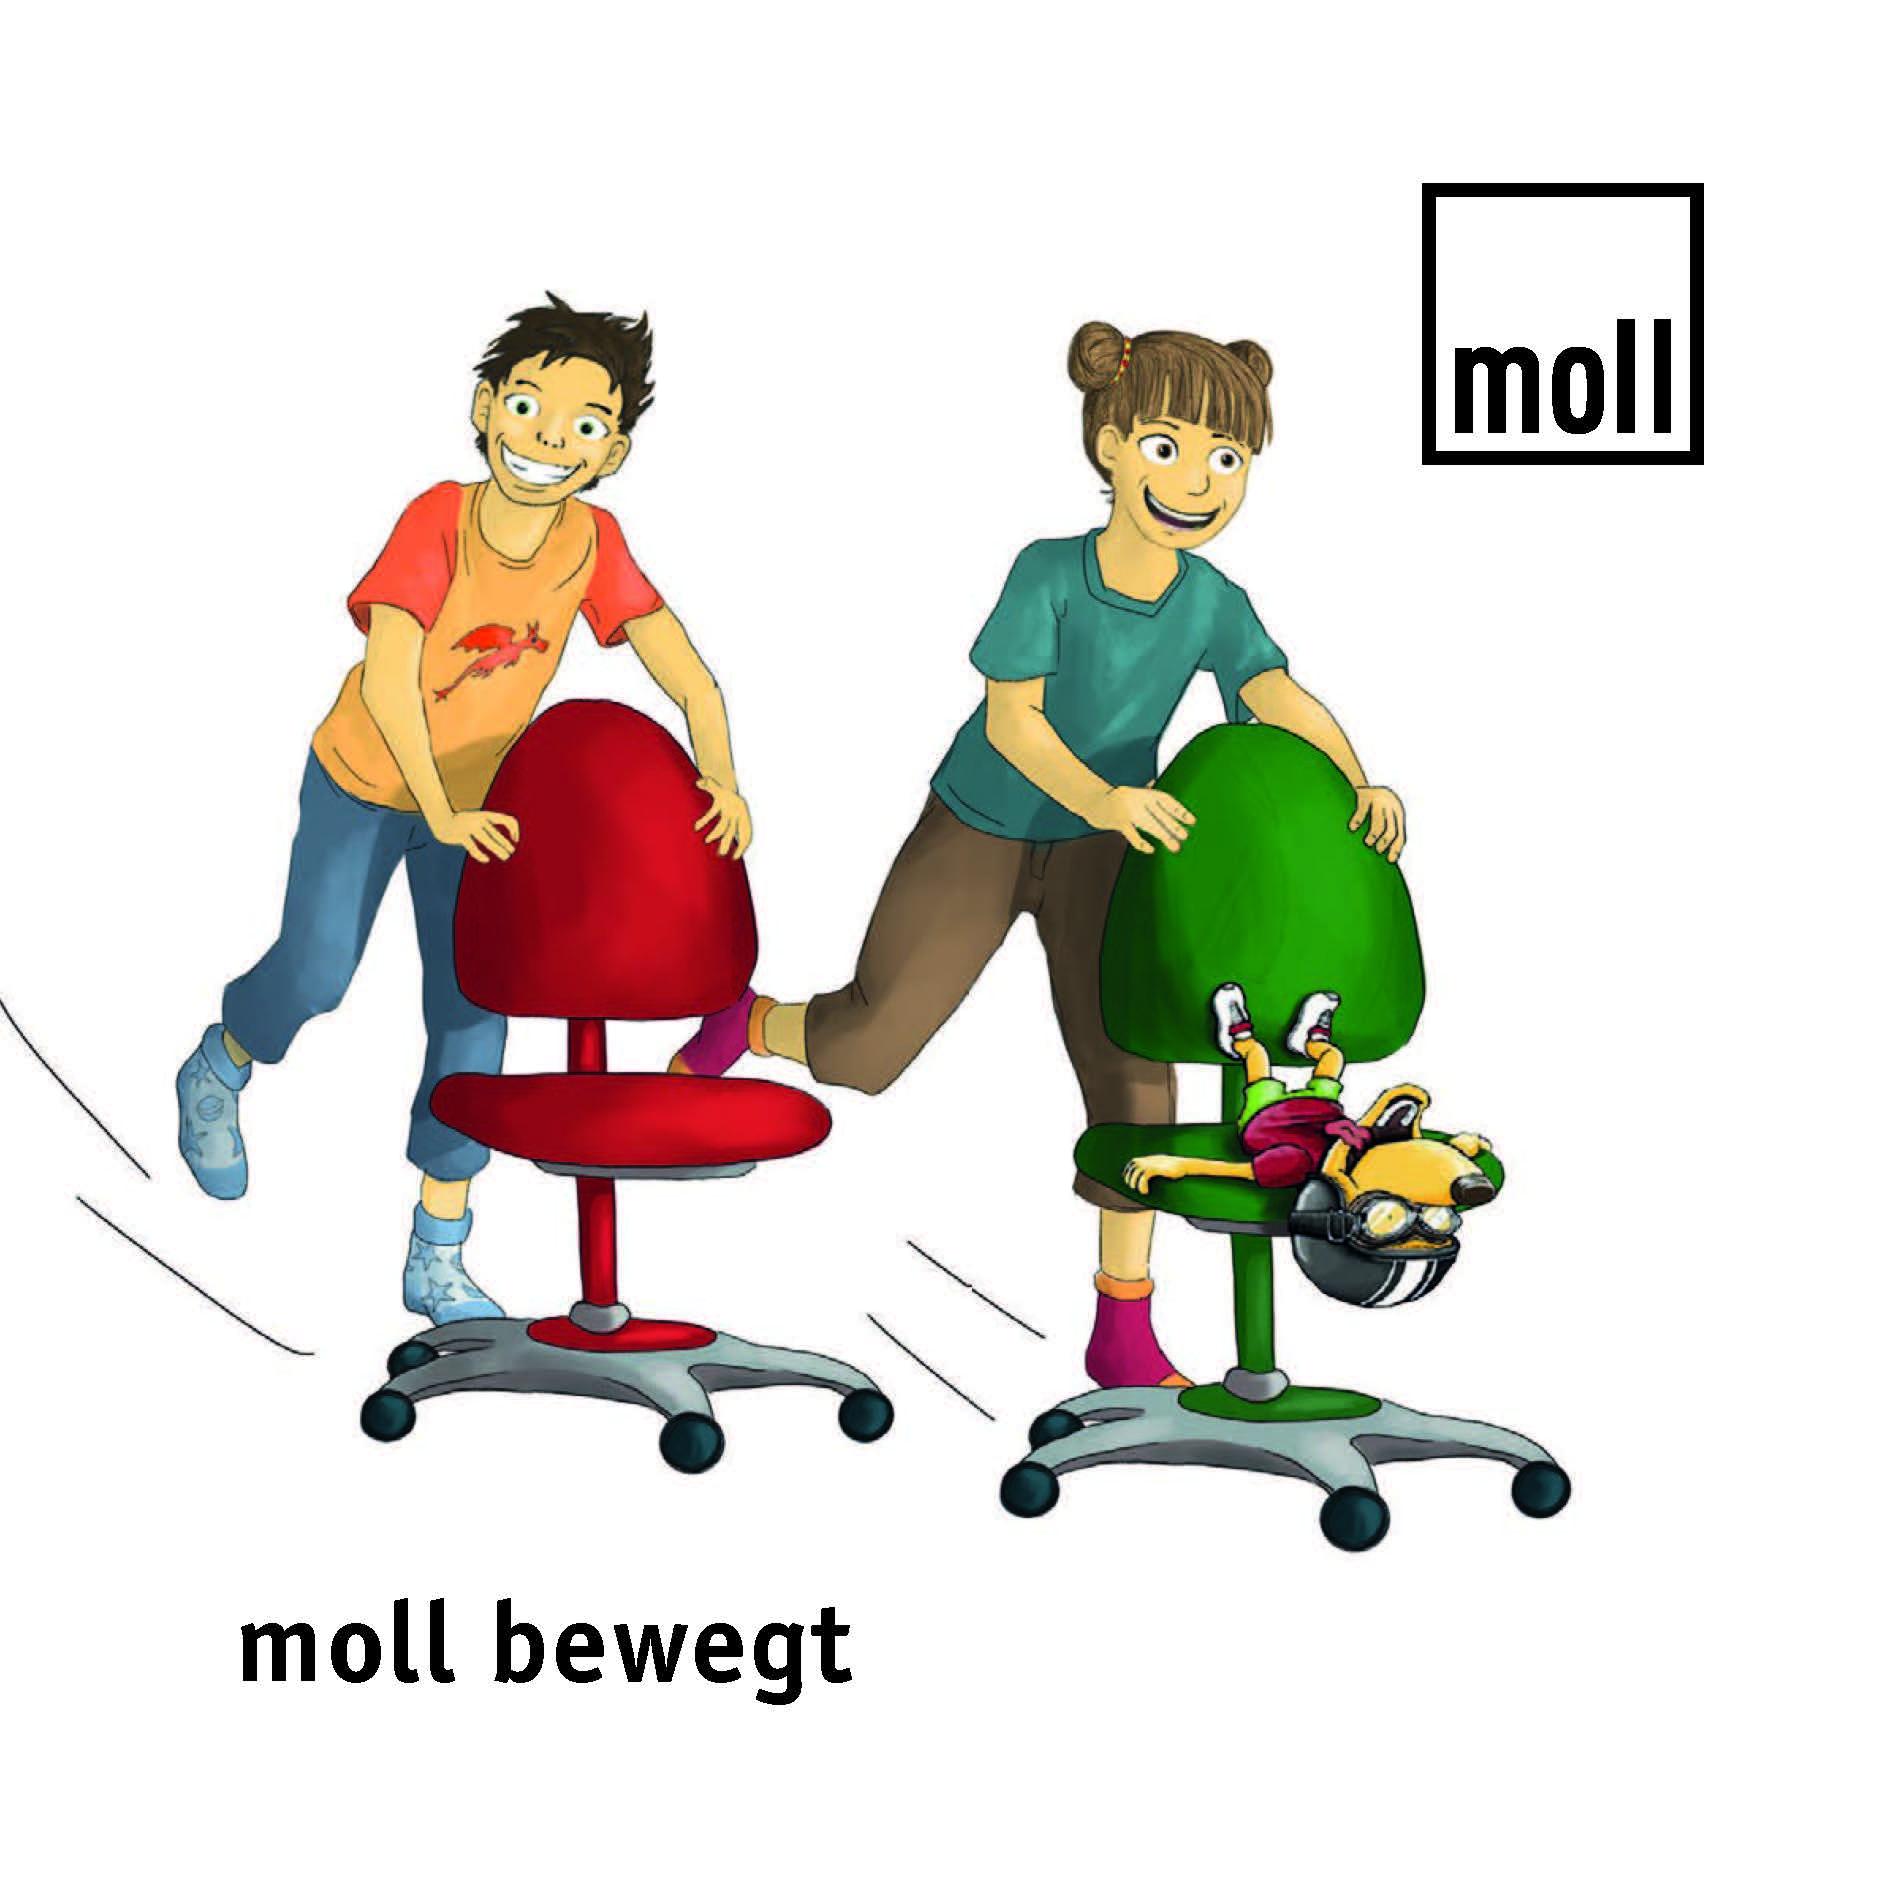 moll bewegt Bewegungsübungen für Kinder für die Gesundheit und Intelligenz